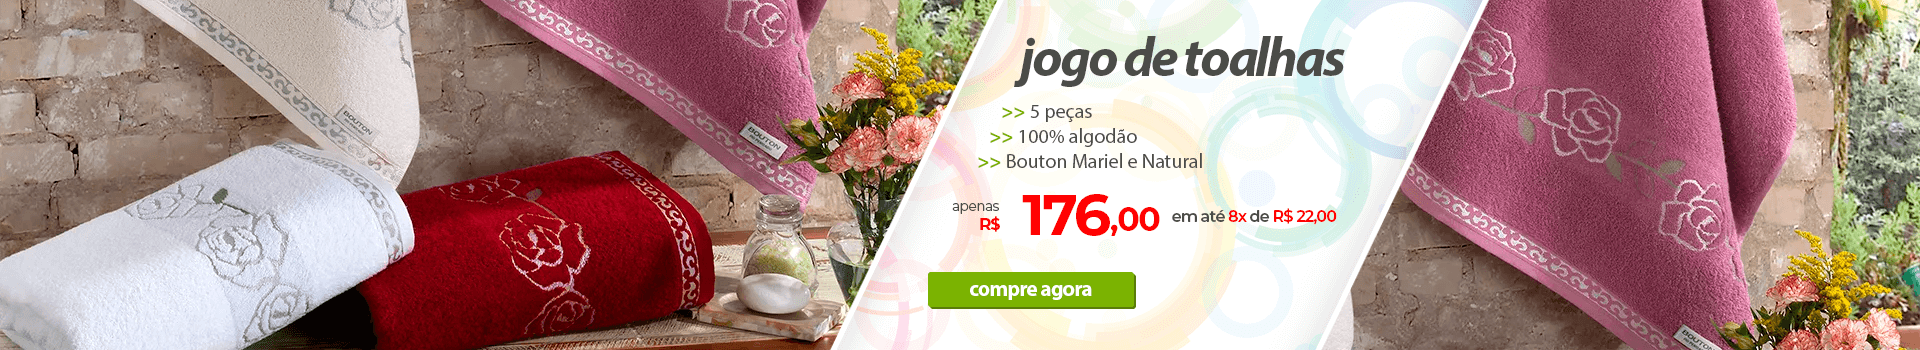 Jogo de Toalhas 5 Peças Bouton Mariel e Natural | Apenas R$176,00 | Loja Buettner | Compre Agora!